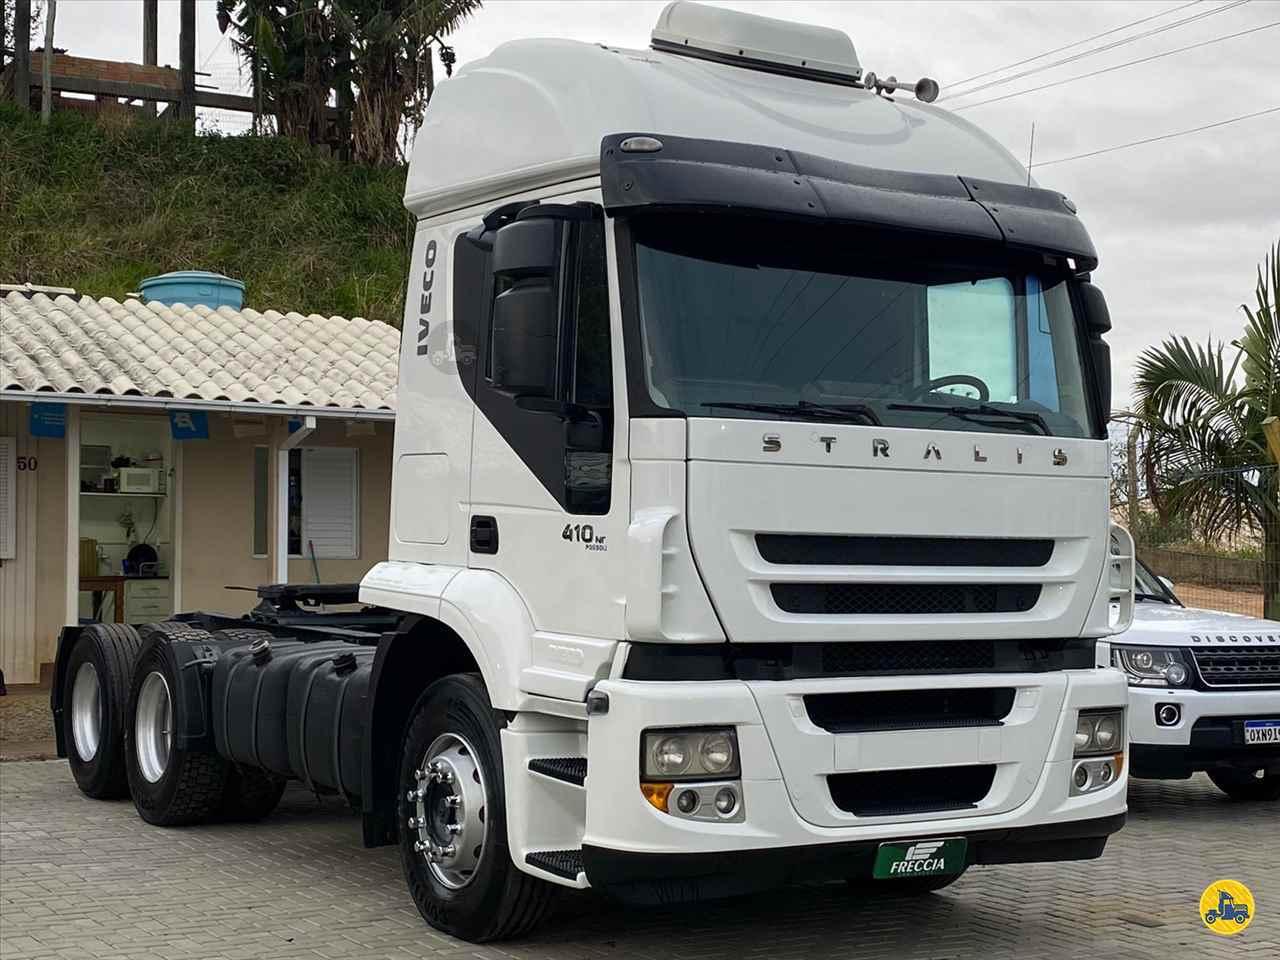 CAMINHAO IVECO STRALIS 410 Cavalo Mecânico Truck 6x2 Freccia Caminhões JAGUARUNA SANTA CATARINA SC